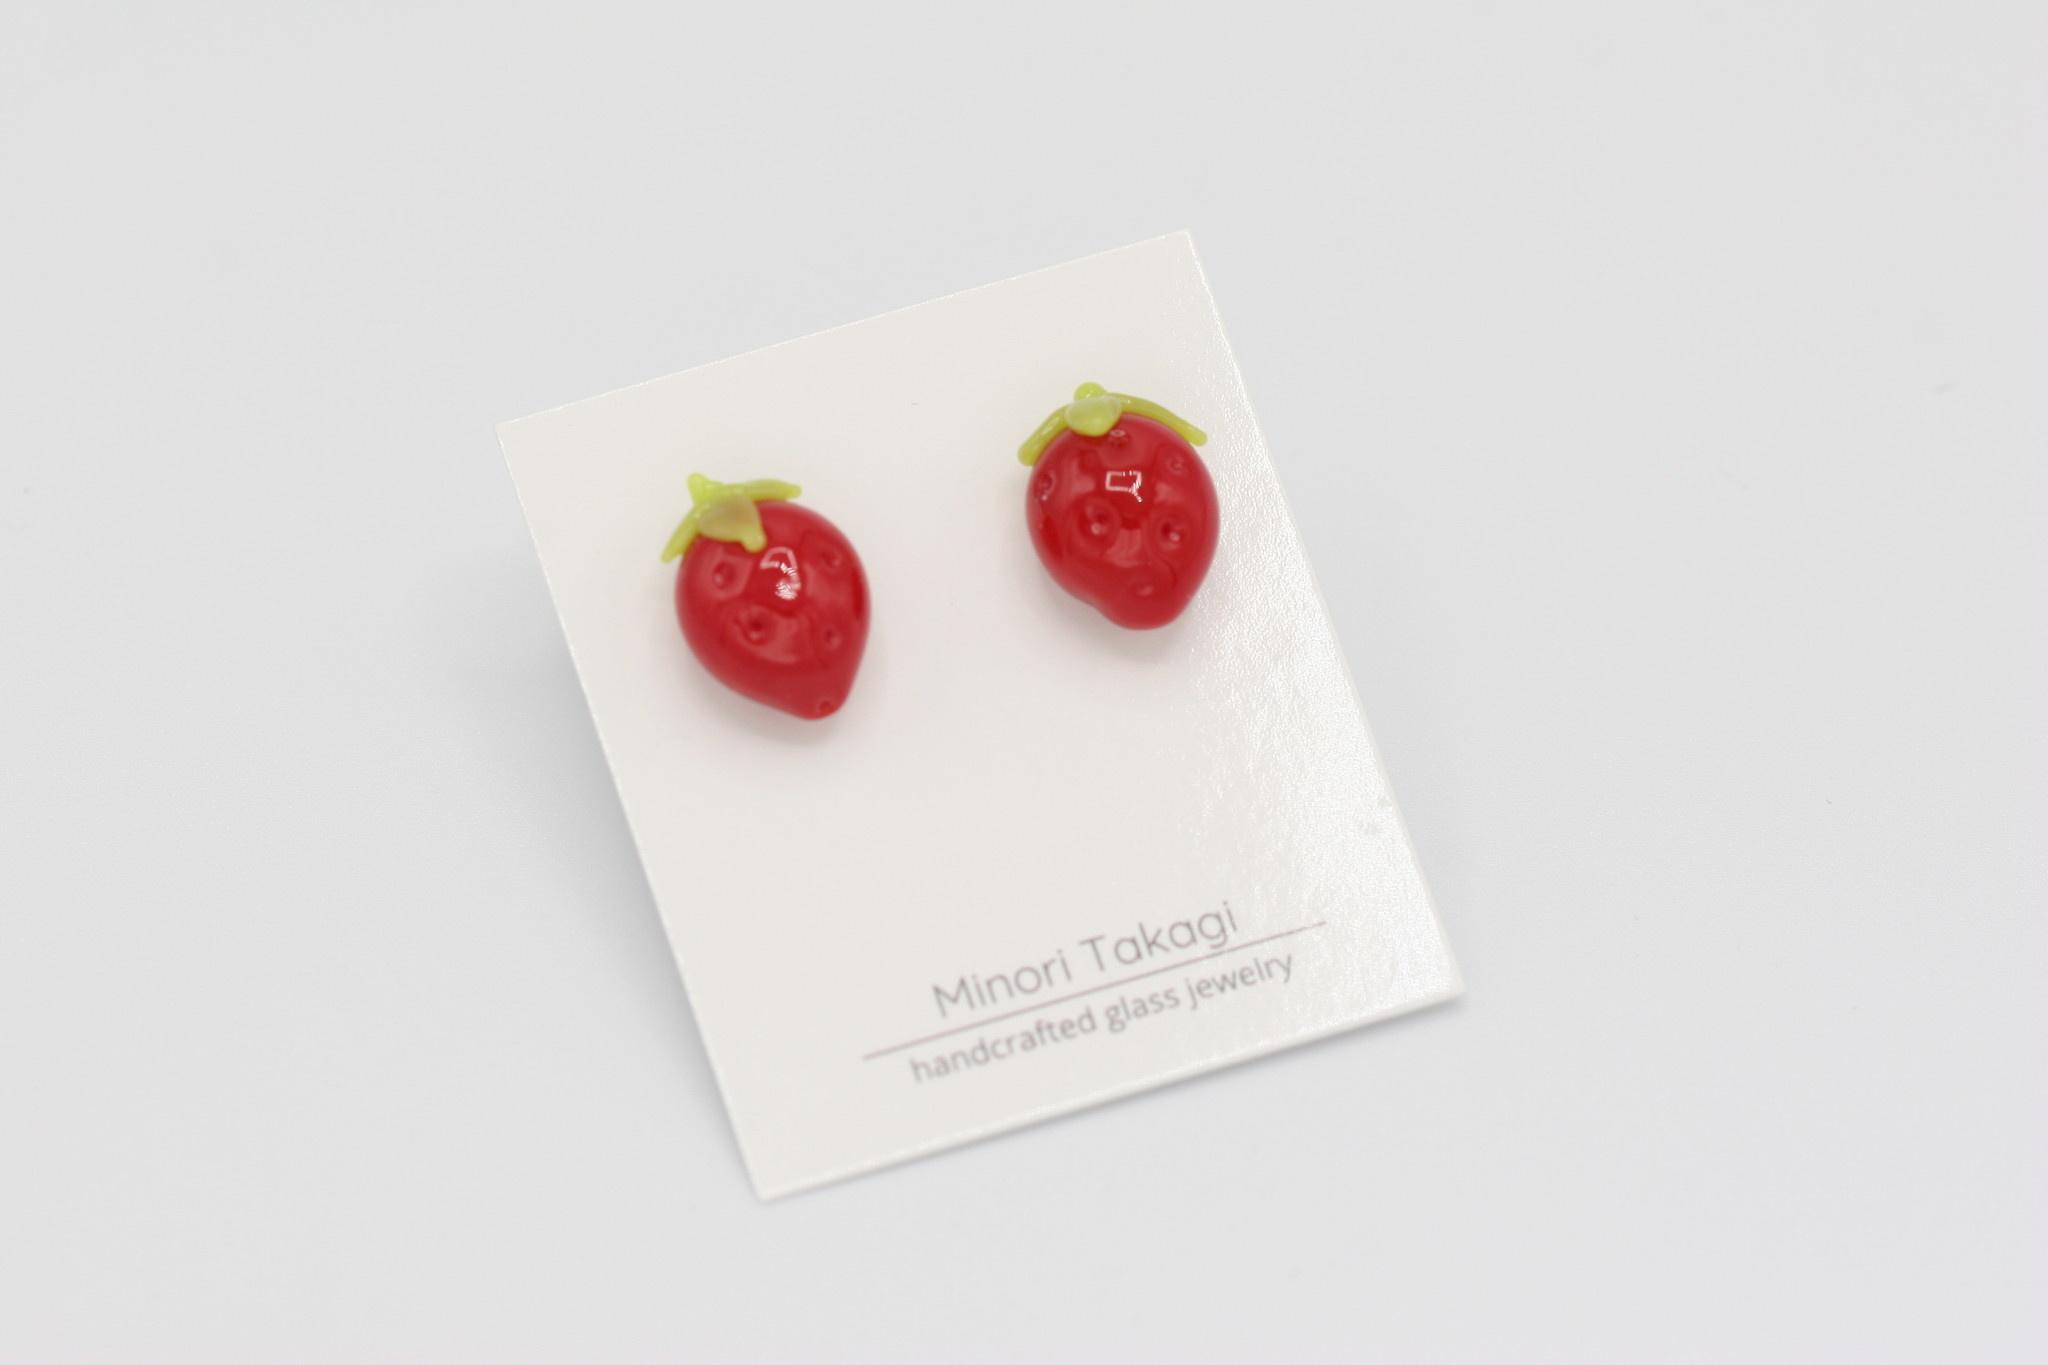 Minori Takagi Earrings- Strawberry Red